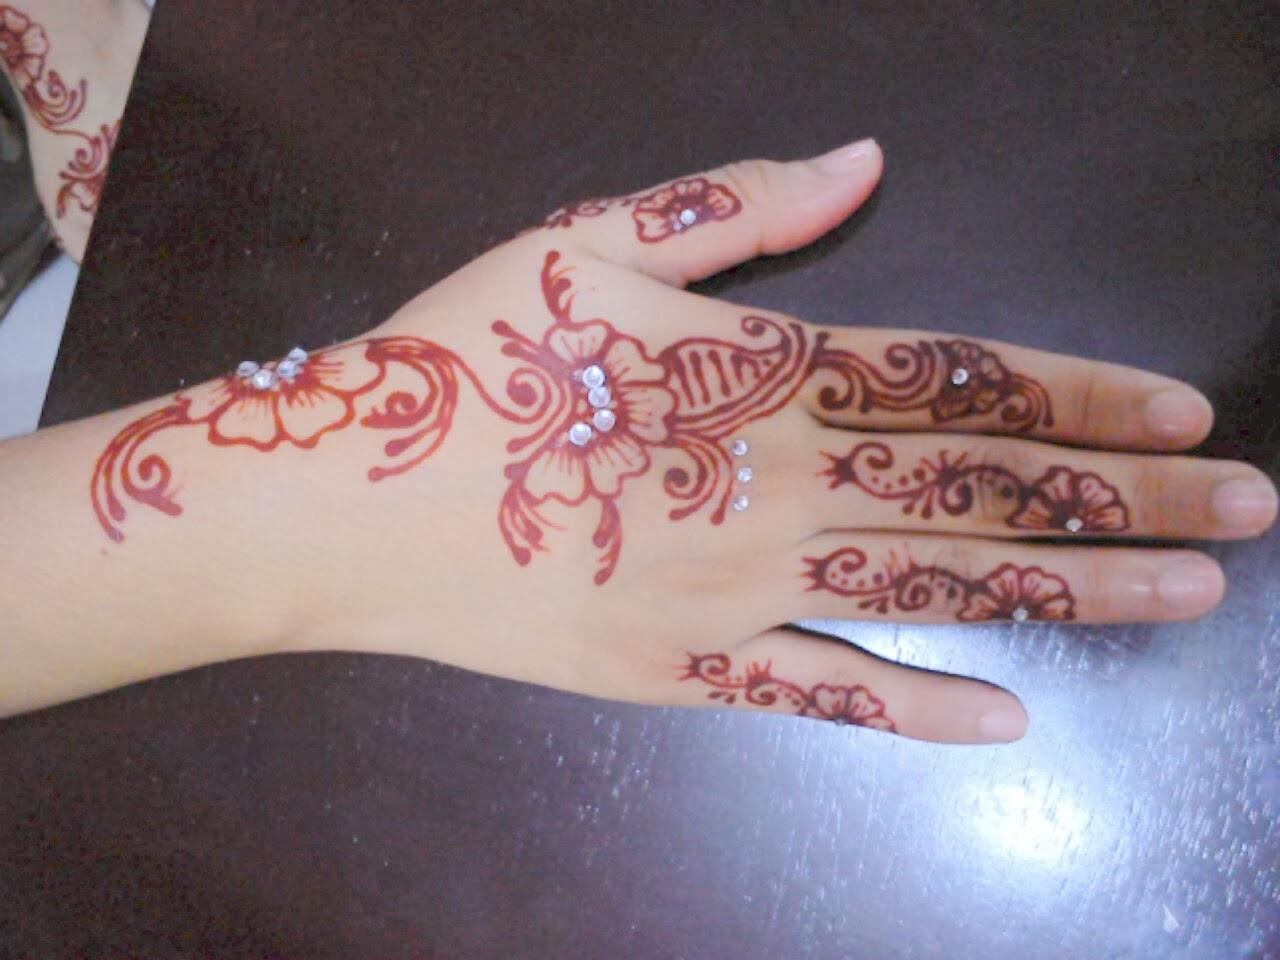 Ikha Henna Artist Inai Tradisional VS Moden Azwana 16 Jan 2014